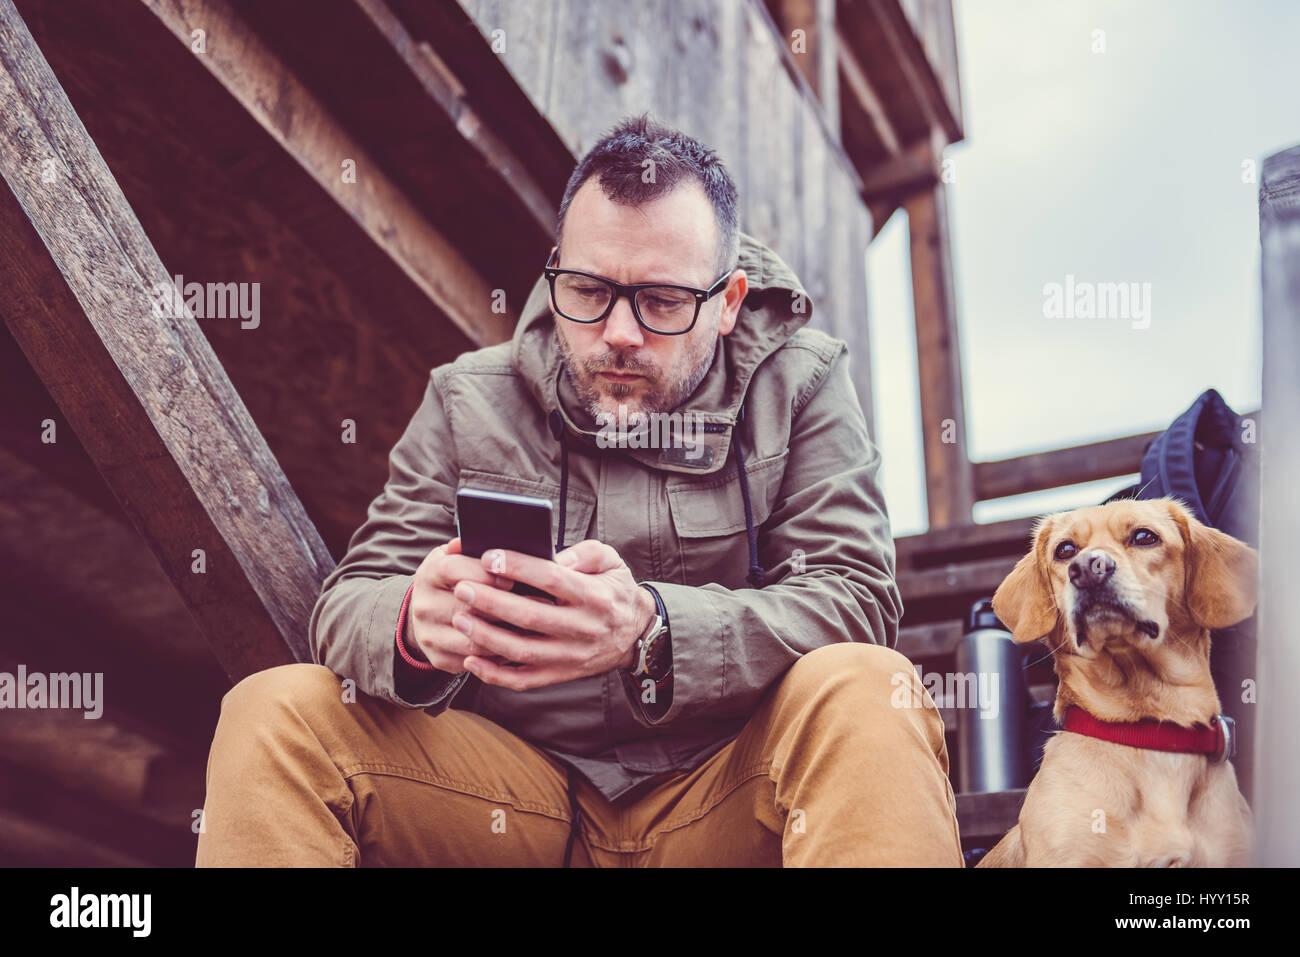 Caminante sentada en las escaleras de excursionistas resto cabina con un perro y el uso de teléfonos inteligentes. Imagen De Stock